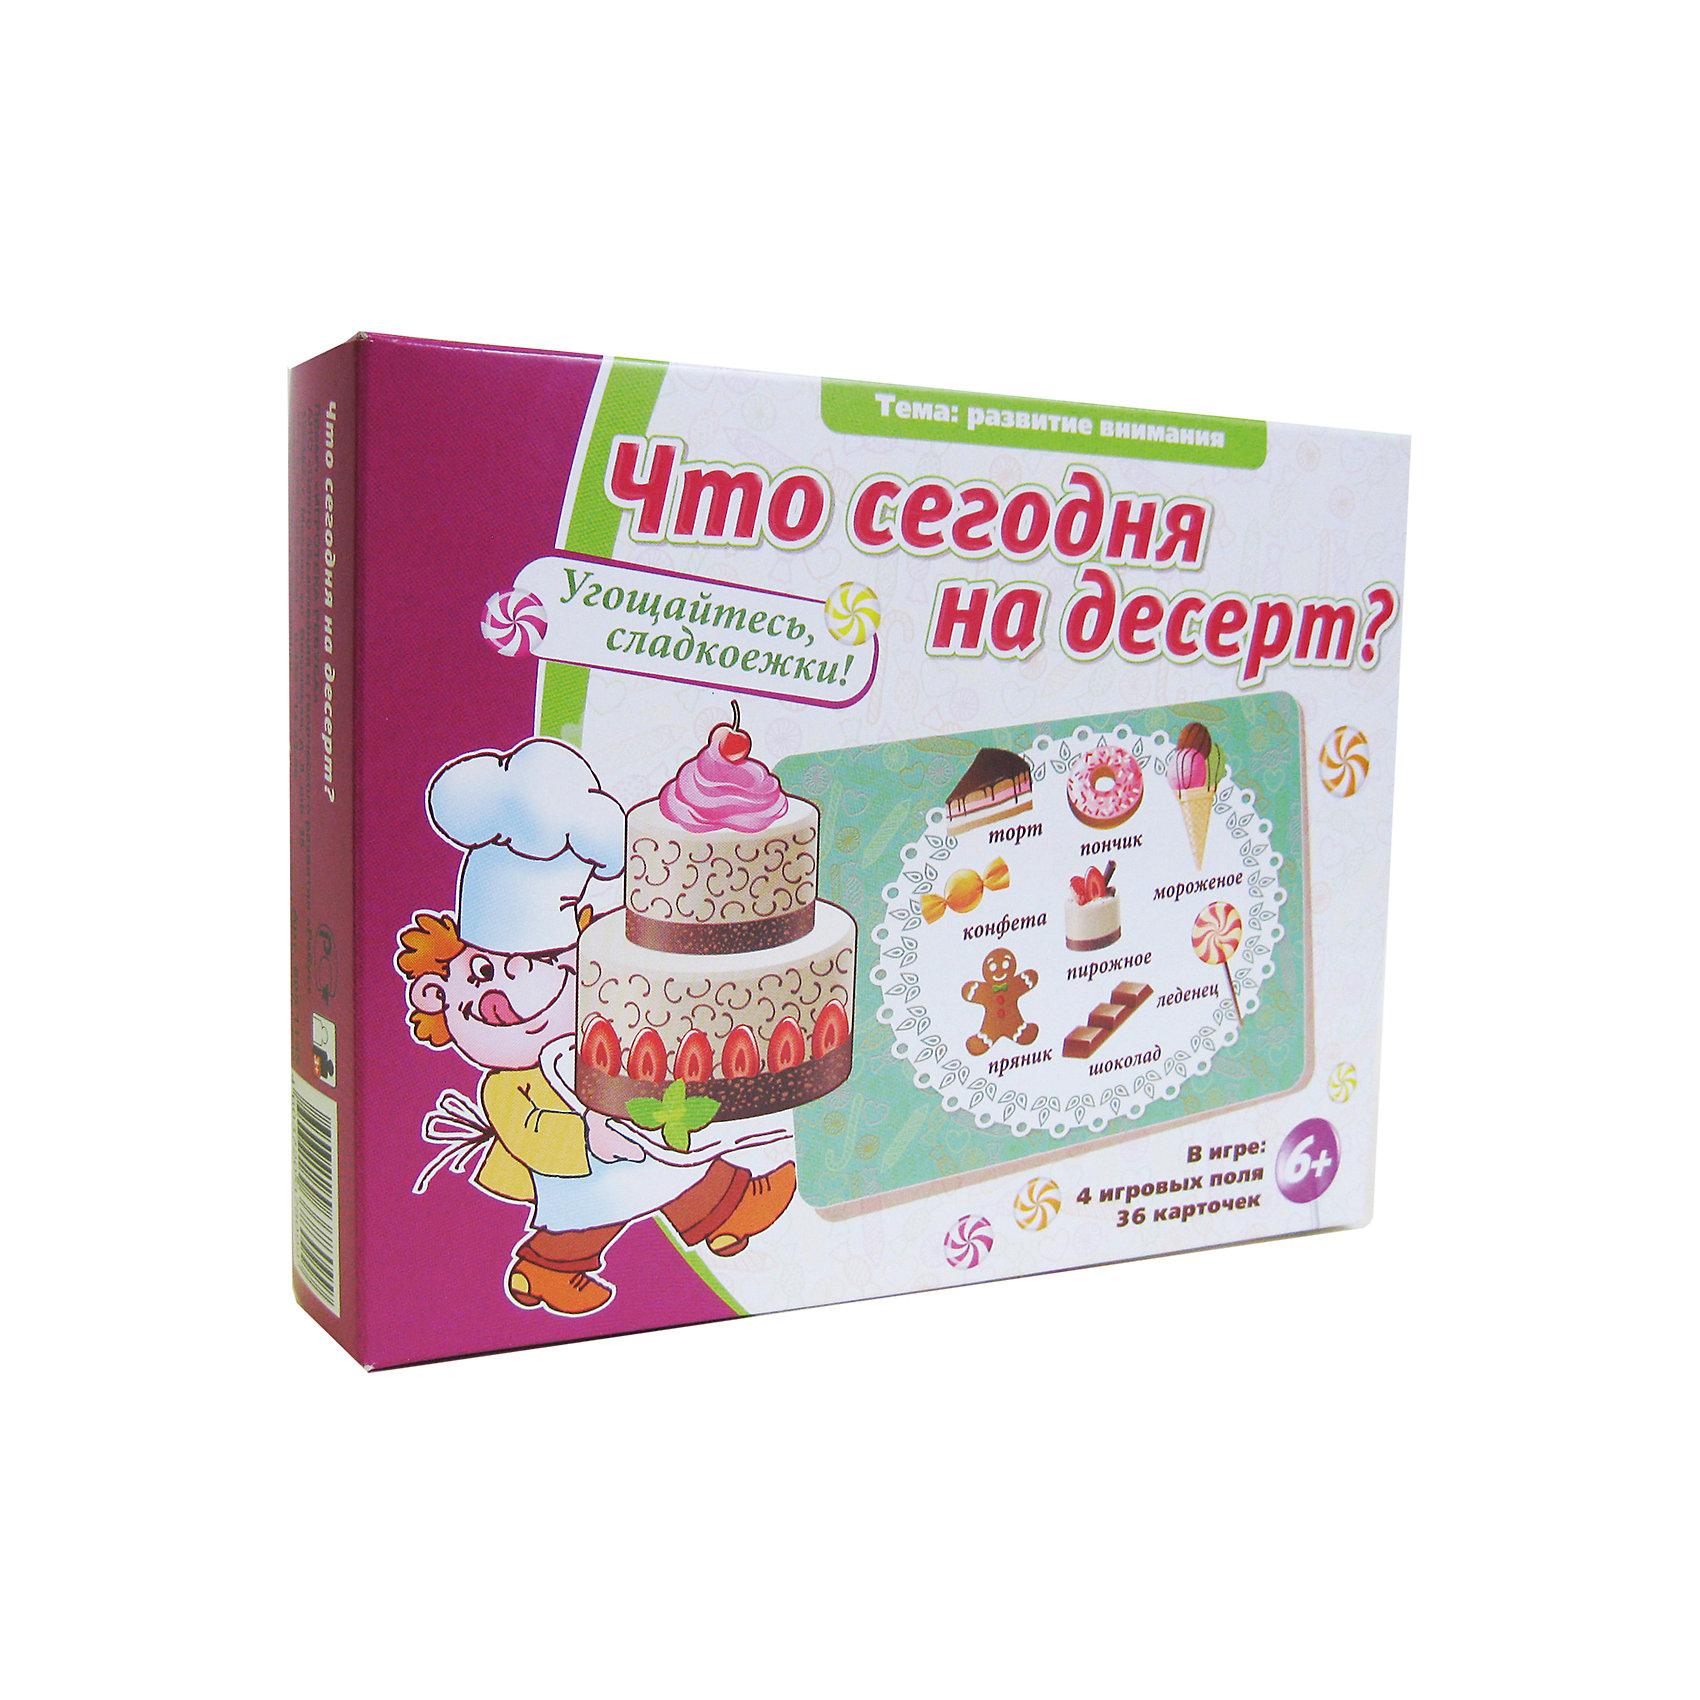 Что сегодня на десерт?, Игротека Татьяны БарчанОбучающие карточки<br>Что сегодня на десерт?, Игротека Татьяны Барчан.<br><br>Характеристики:<br><br>• Для детей в возрасте: от 6 до 10 лет<br>• В комплекте: 4 больших карточки, 36 игровых карт, инструкция<br>• Тема: Развитие внимания<br>• Материал: плотный качественный картон<br>• Производитель: ЦОТР Ребус (Россия)<br>• Упаковка: картонная коробка<br>• Размер упаковки: 138х180х40 мм.<br>• Вес: 152 гр.<br><br>Занимательная игра на развитие внимания станет отличным подарком для сладкоежек. Правила игры адаптированы для маленьких игроков. Каждый игрок получает по одной большой карточке и запоминает, какие угощения для гостей приготовил поваренок. <br><br>36 игровых карт размещаются перед участниками «рубашками» вверх. Когда открывается верхняя карта, надо быстро ответить, какой из сладостей на ней нет. Кто первым даст ответ, забирает карточку себе (честно заработанное очко!). <br><br>Когда все маленькие карточки разобраны игроками, подсчитывается количество очков и определяется победитель. Игра развивает у малышей внимание, усидчивость, зрительную память и скорость реакции.<br><br>Игру Что сегодня на десерт?, Игротека Татьяны Барчан можно купить в нашем интернет-магазине.<br><br>Ширина мм: 180<br>Глубина мм: 135<br>Высота мм: 40<br>Вес г: 155<br>Возраст от месяцев: 72<br>Возраст до месяцев: 120<br>Пол: Унисекс<br>Возраст: Детский<br>SKU: 6751374